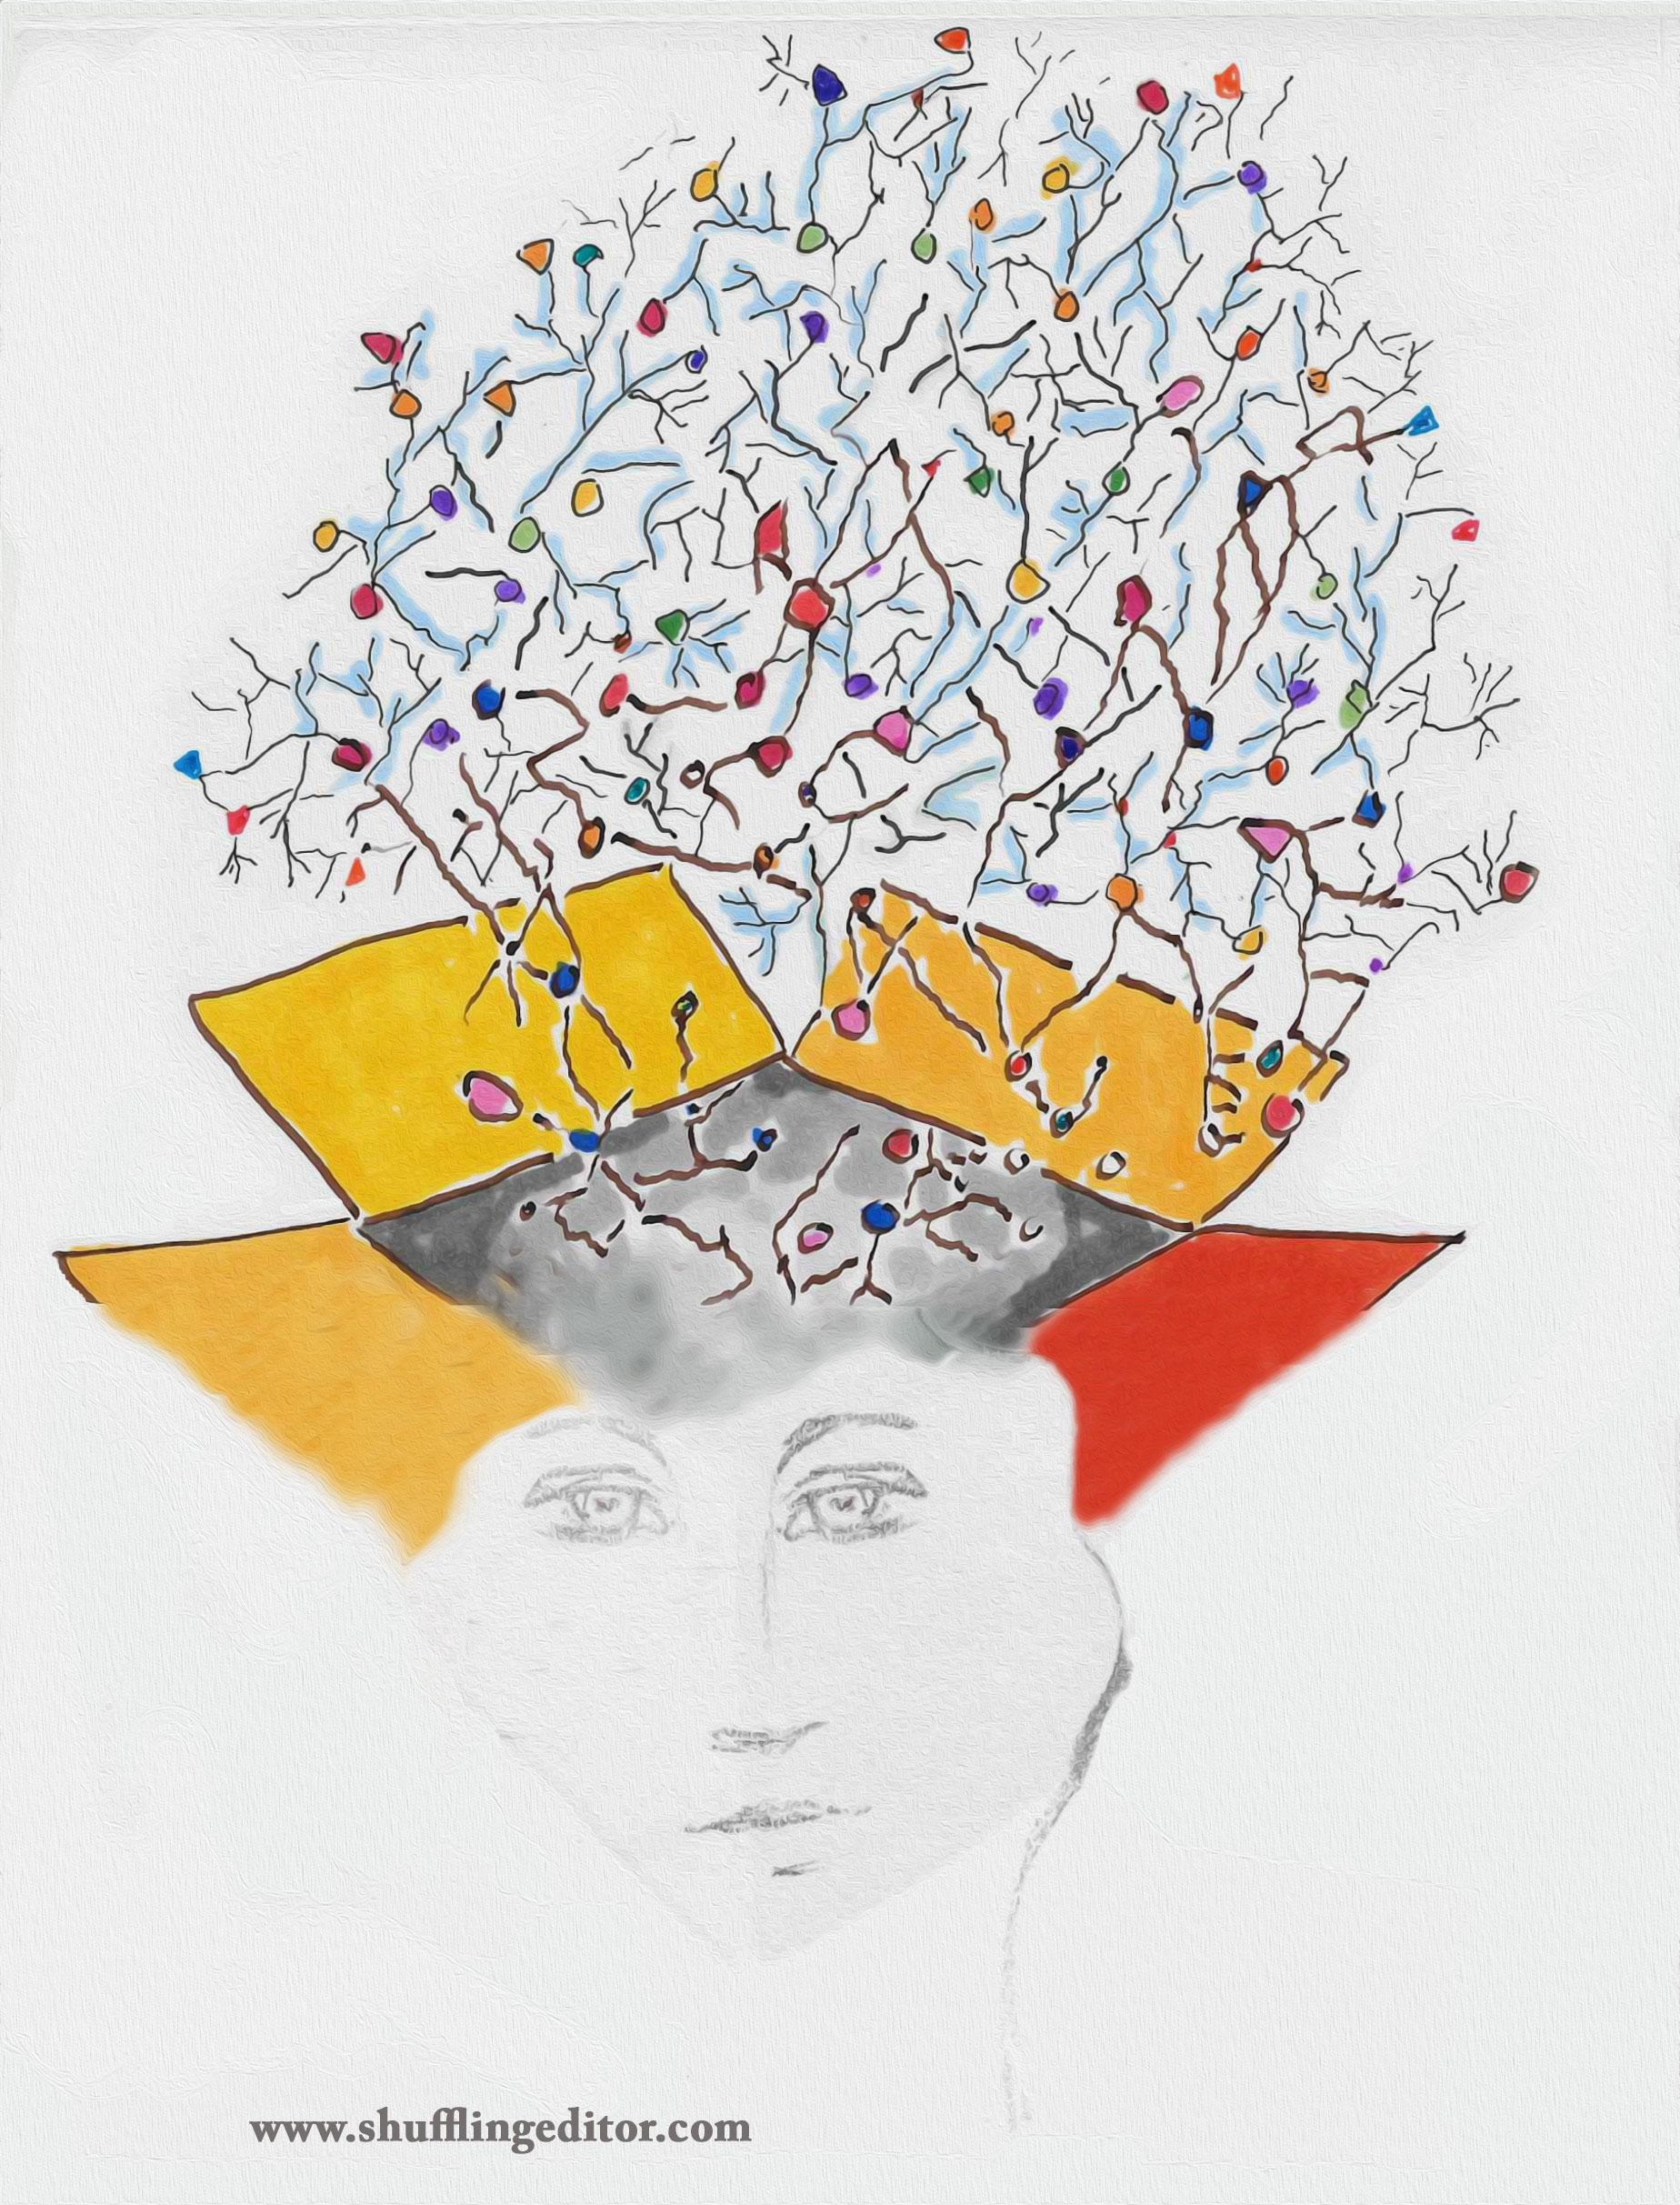 emergence-of-ideas